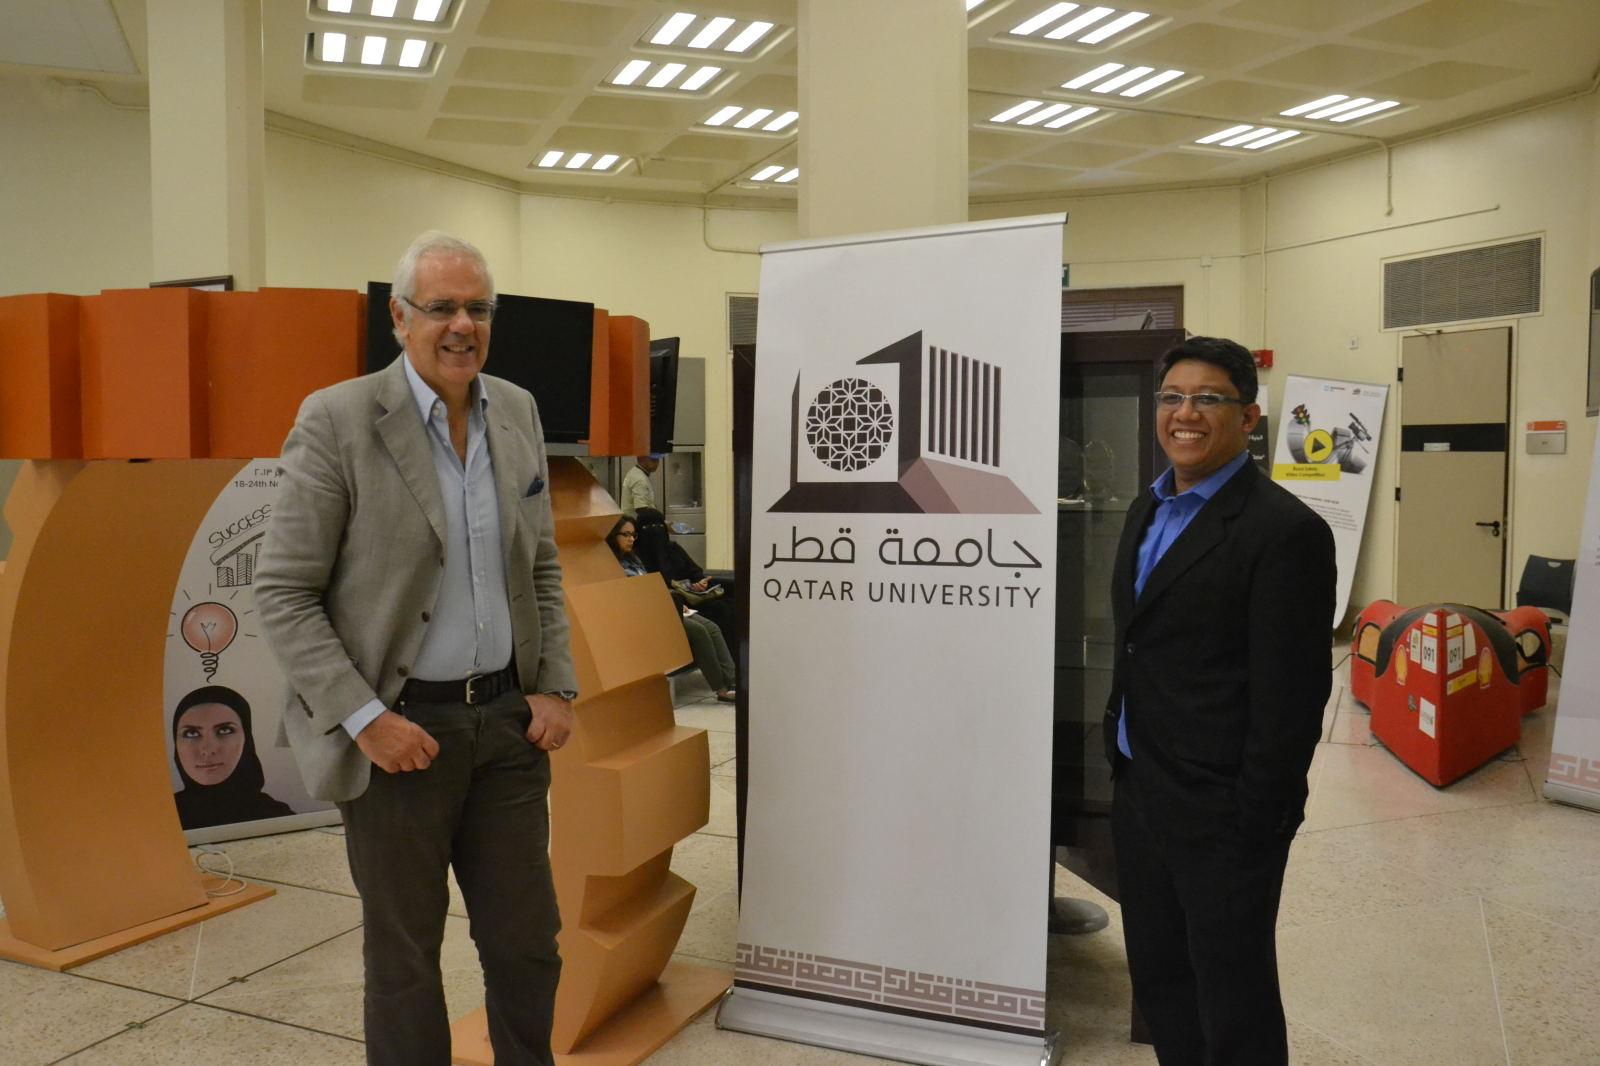 Professor Bruno Siciliano's 2014 QU visit